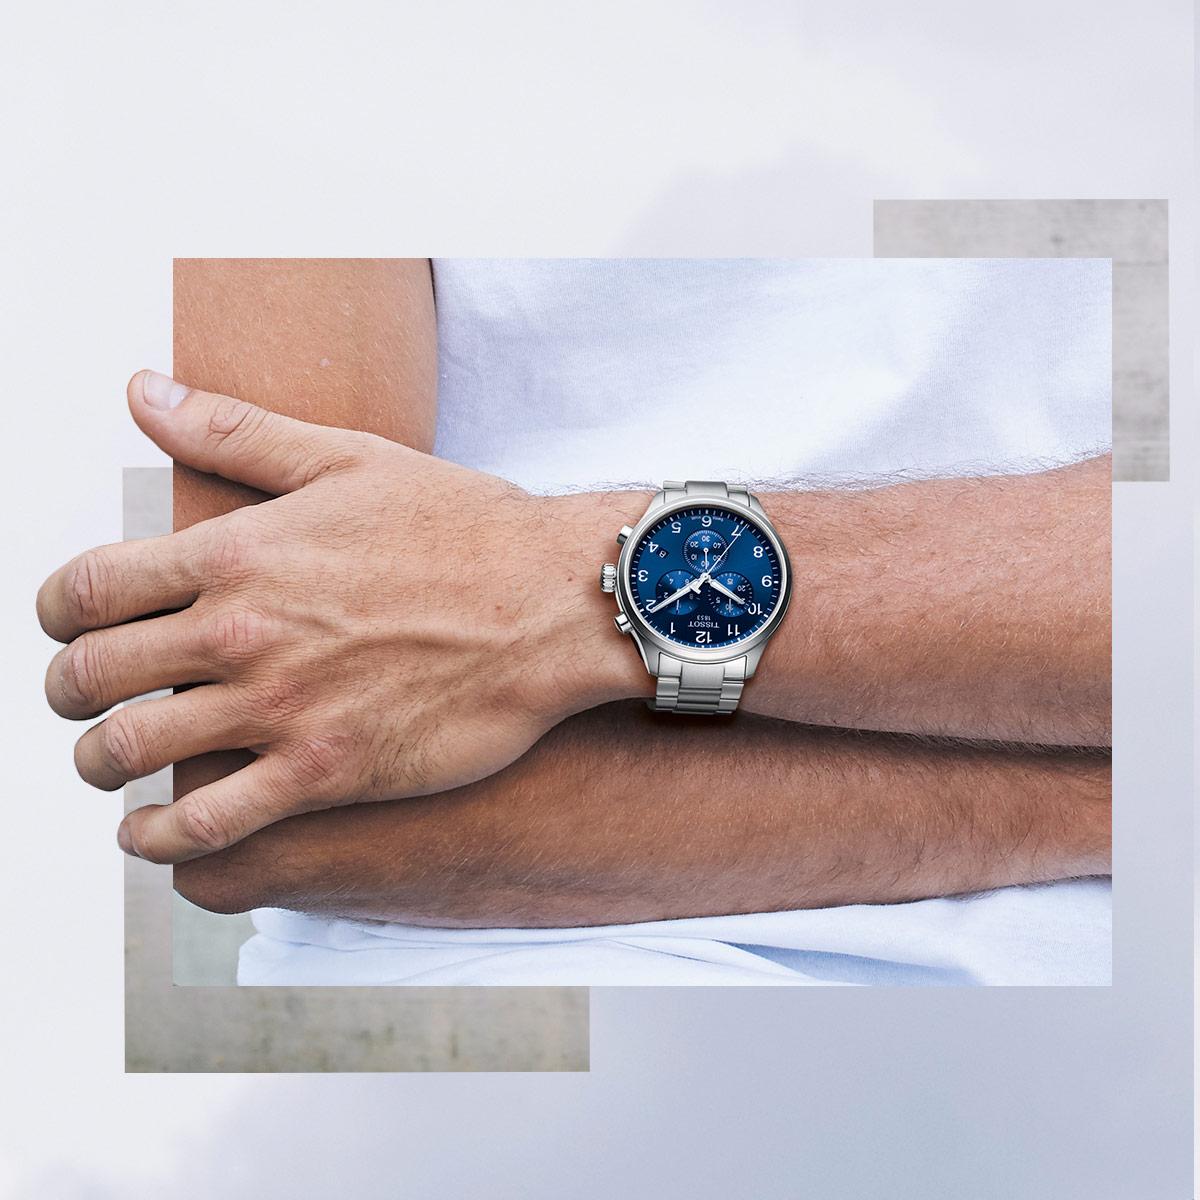 Tissot T116.617.11.047.01 Chrono XL CHRONO XL zegarek męski sportowy szafirowe